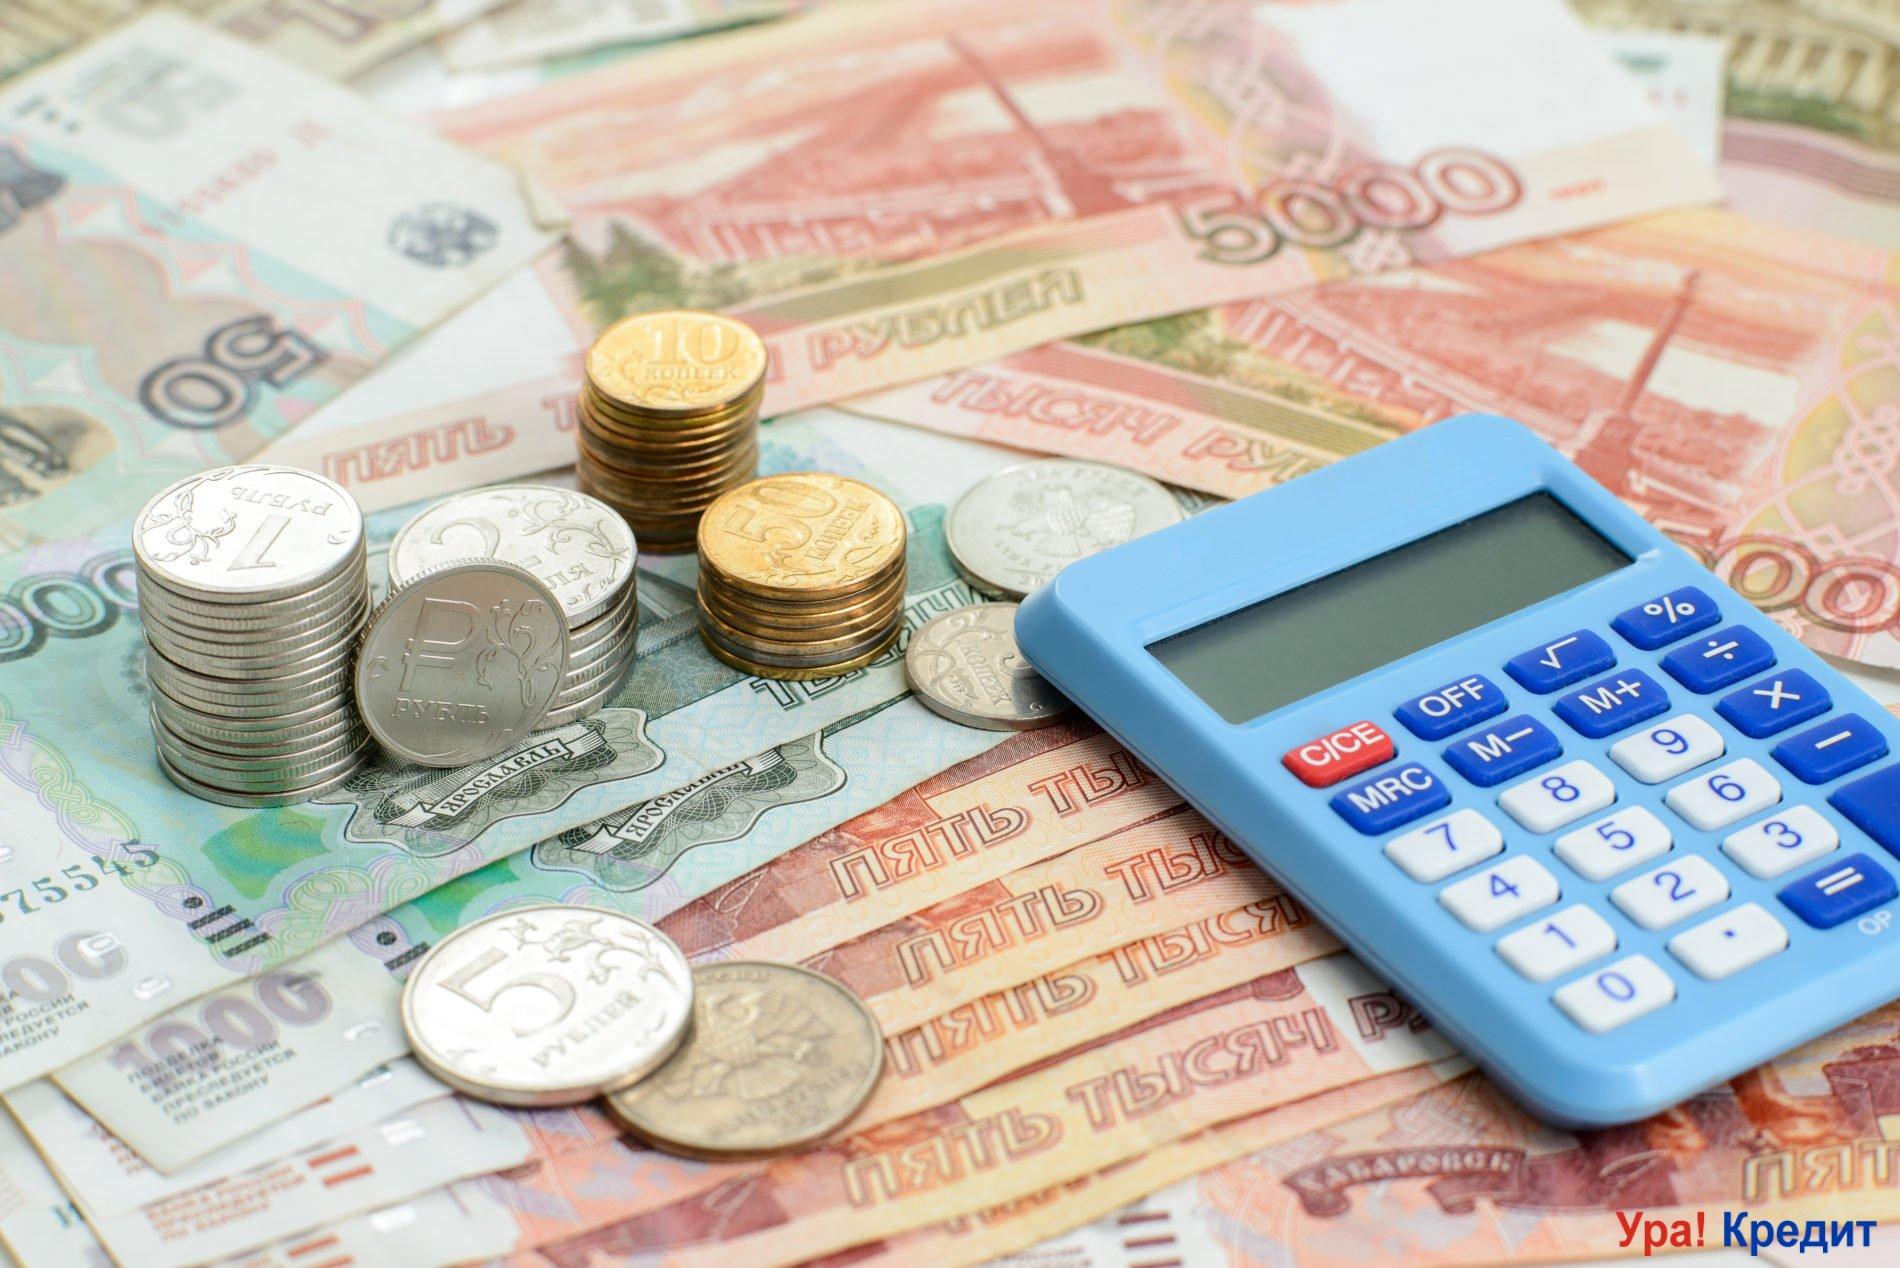 Срочная помощь в получении кредита с гарантией.